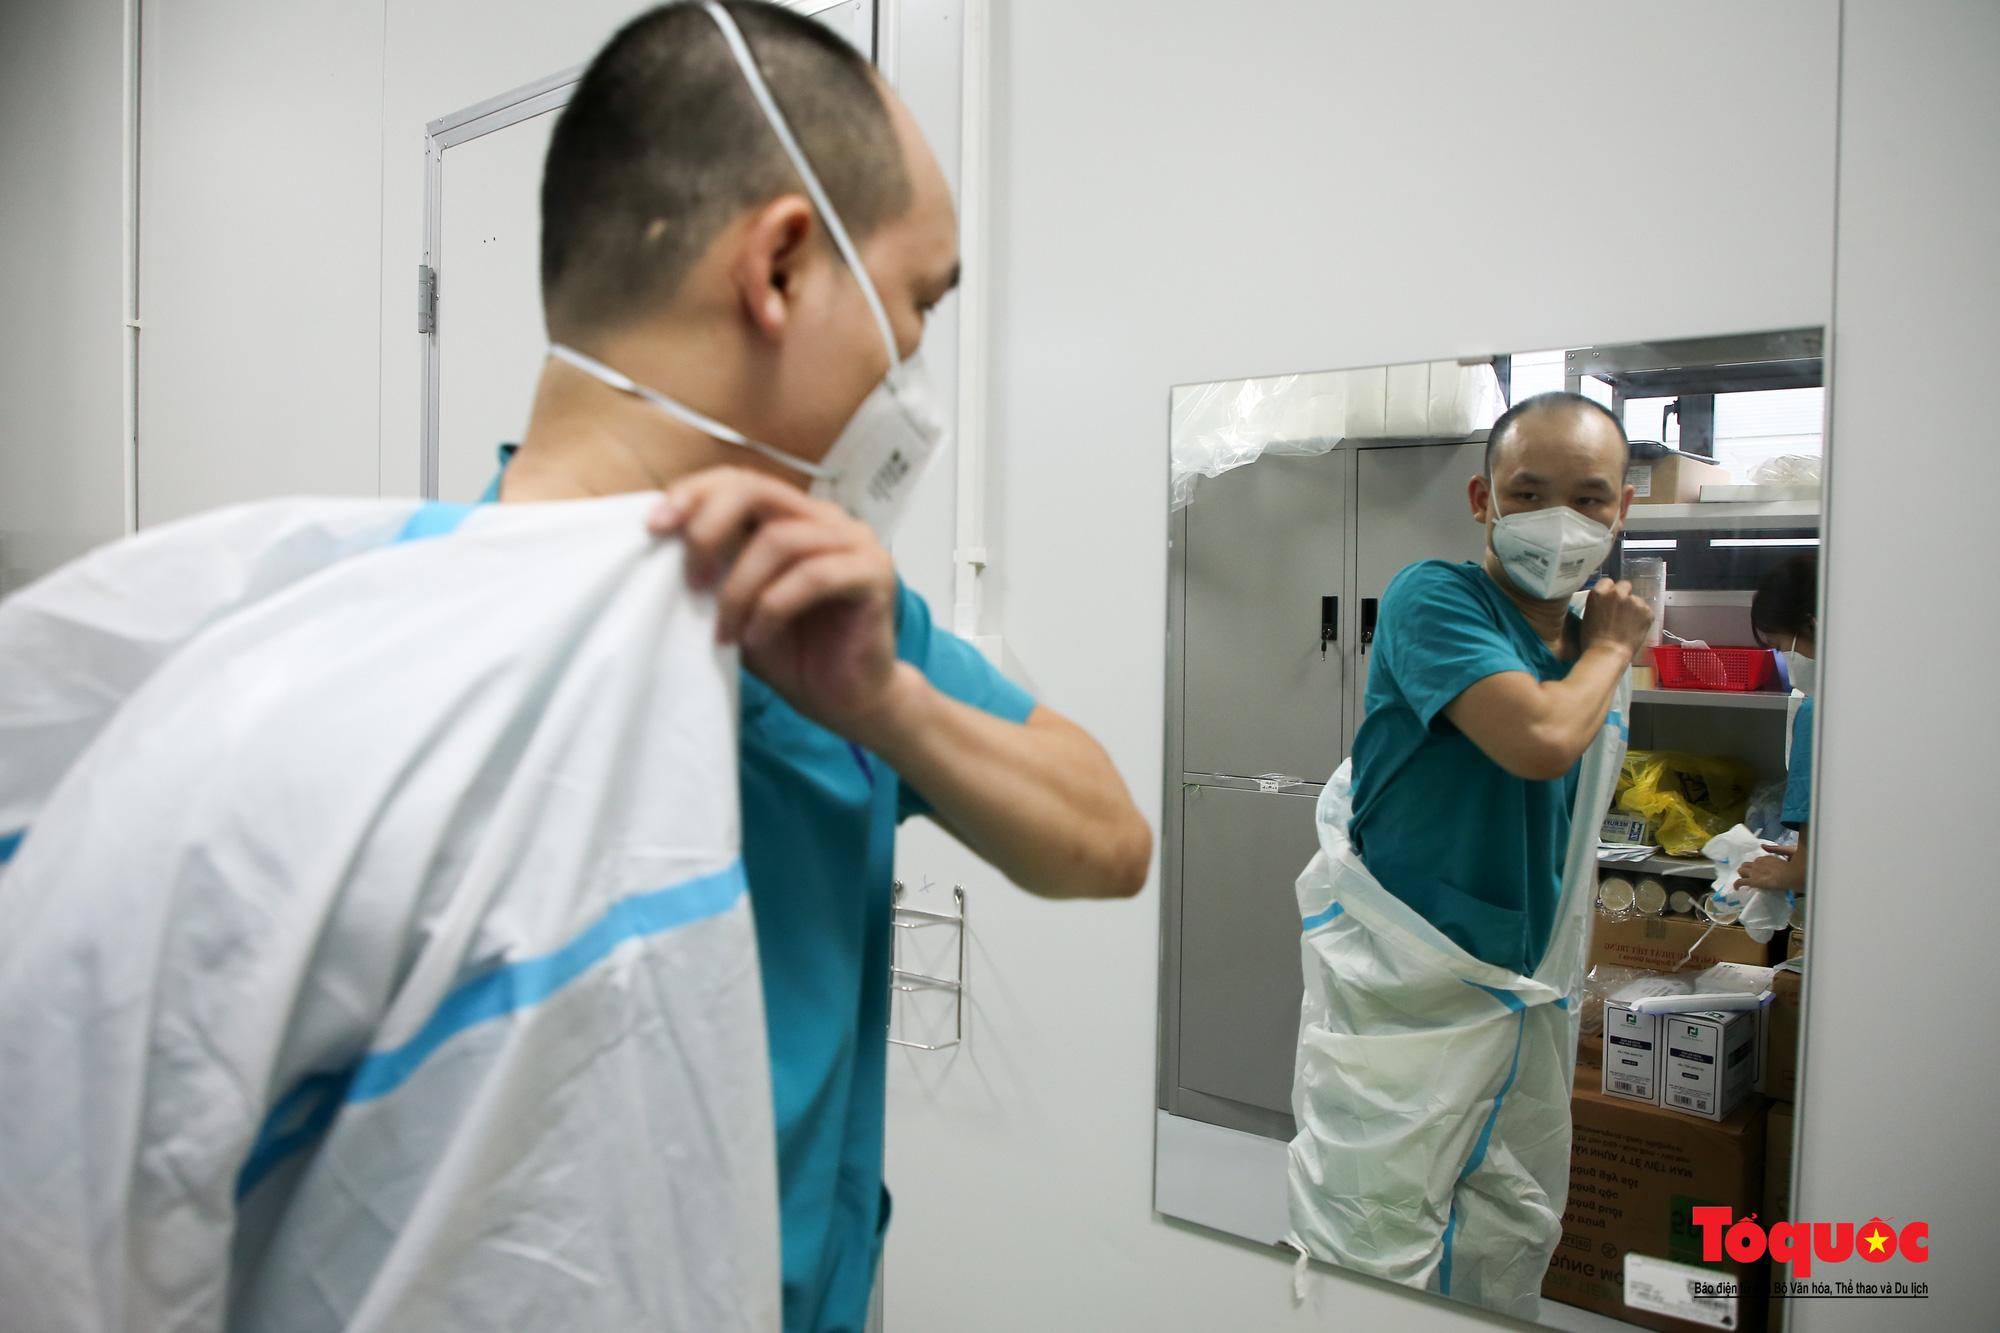 Hà Nội: Cận cảnh bên trong khu điều trị hiện đại của Bệnh viện điều trị người bệnh Covid 19  - Ảnh 18.